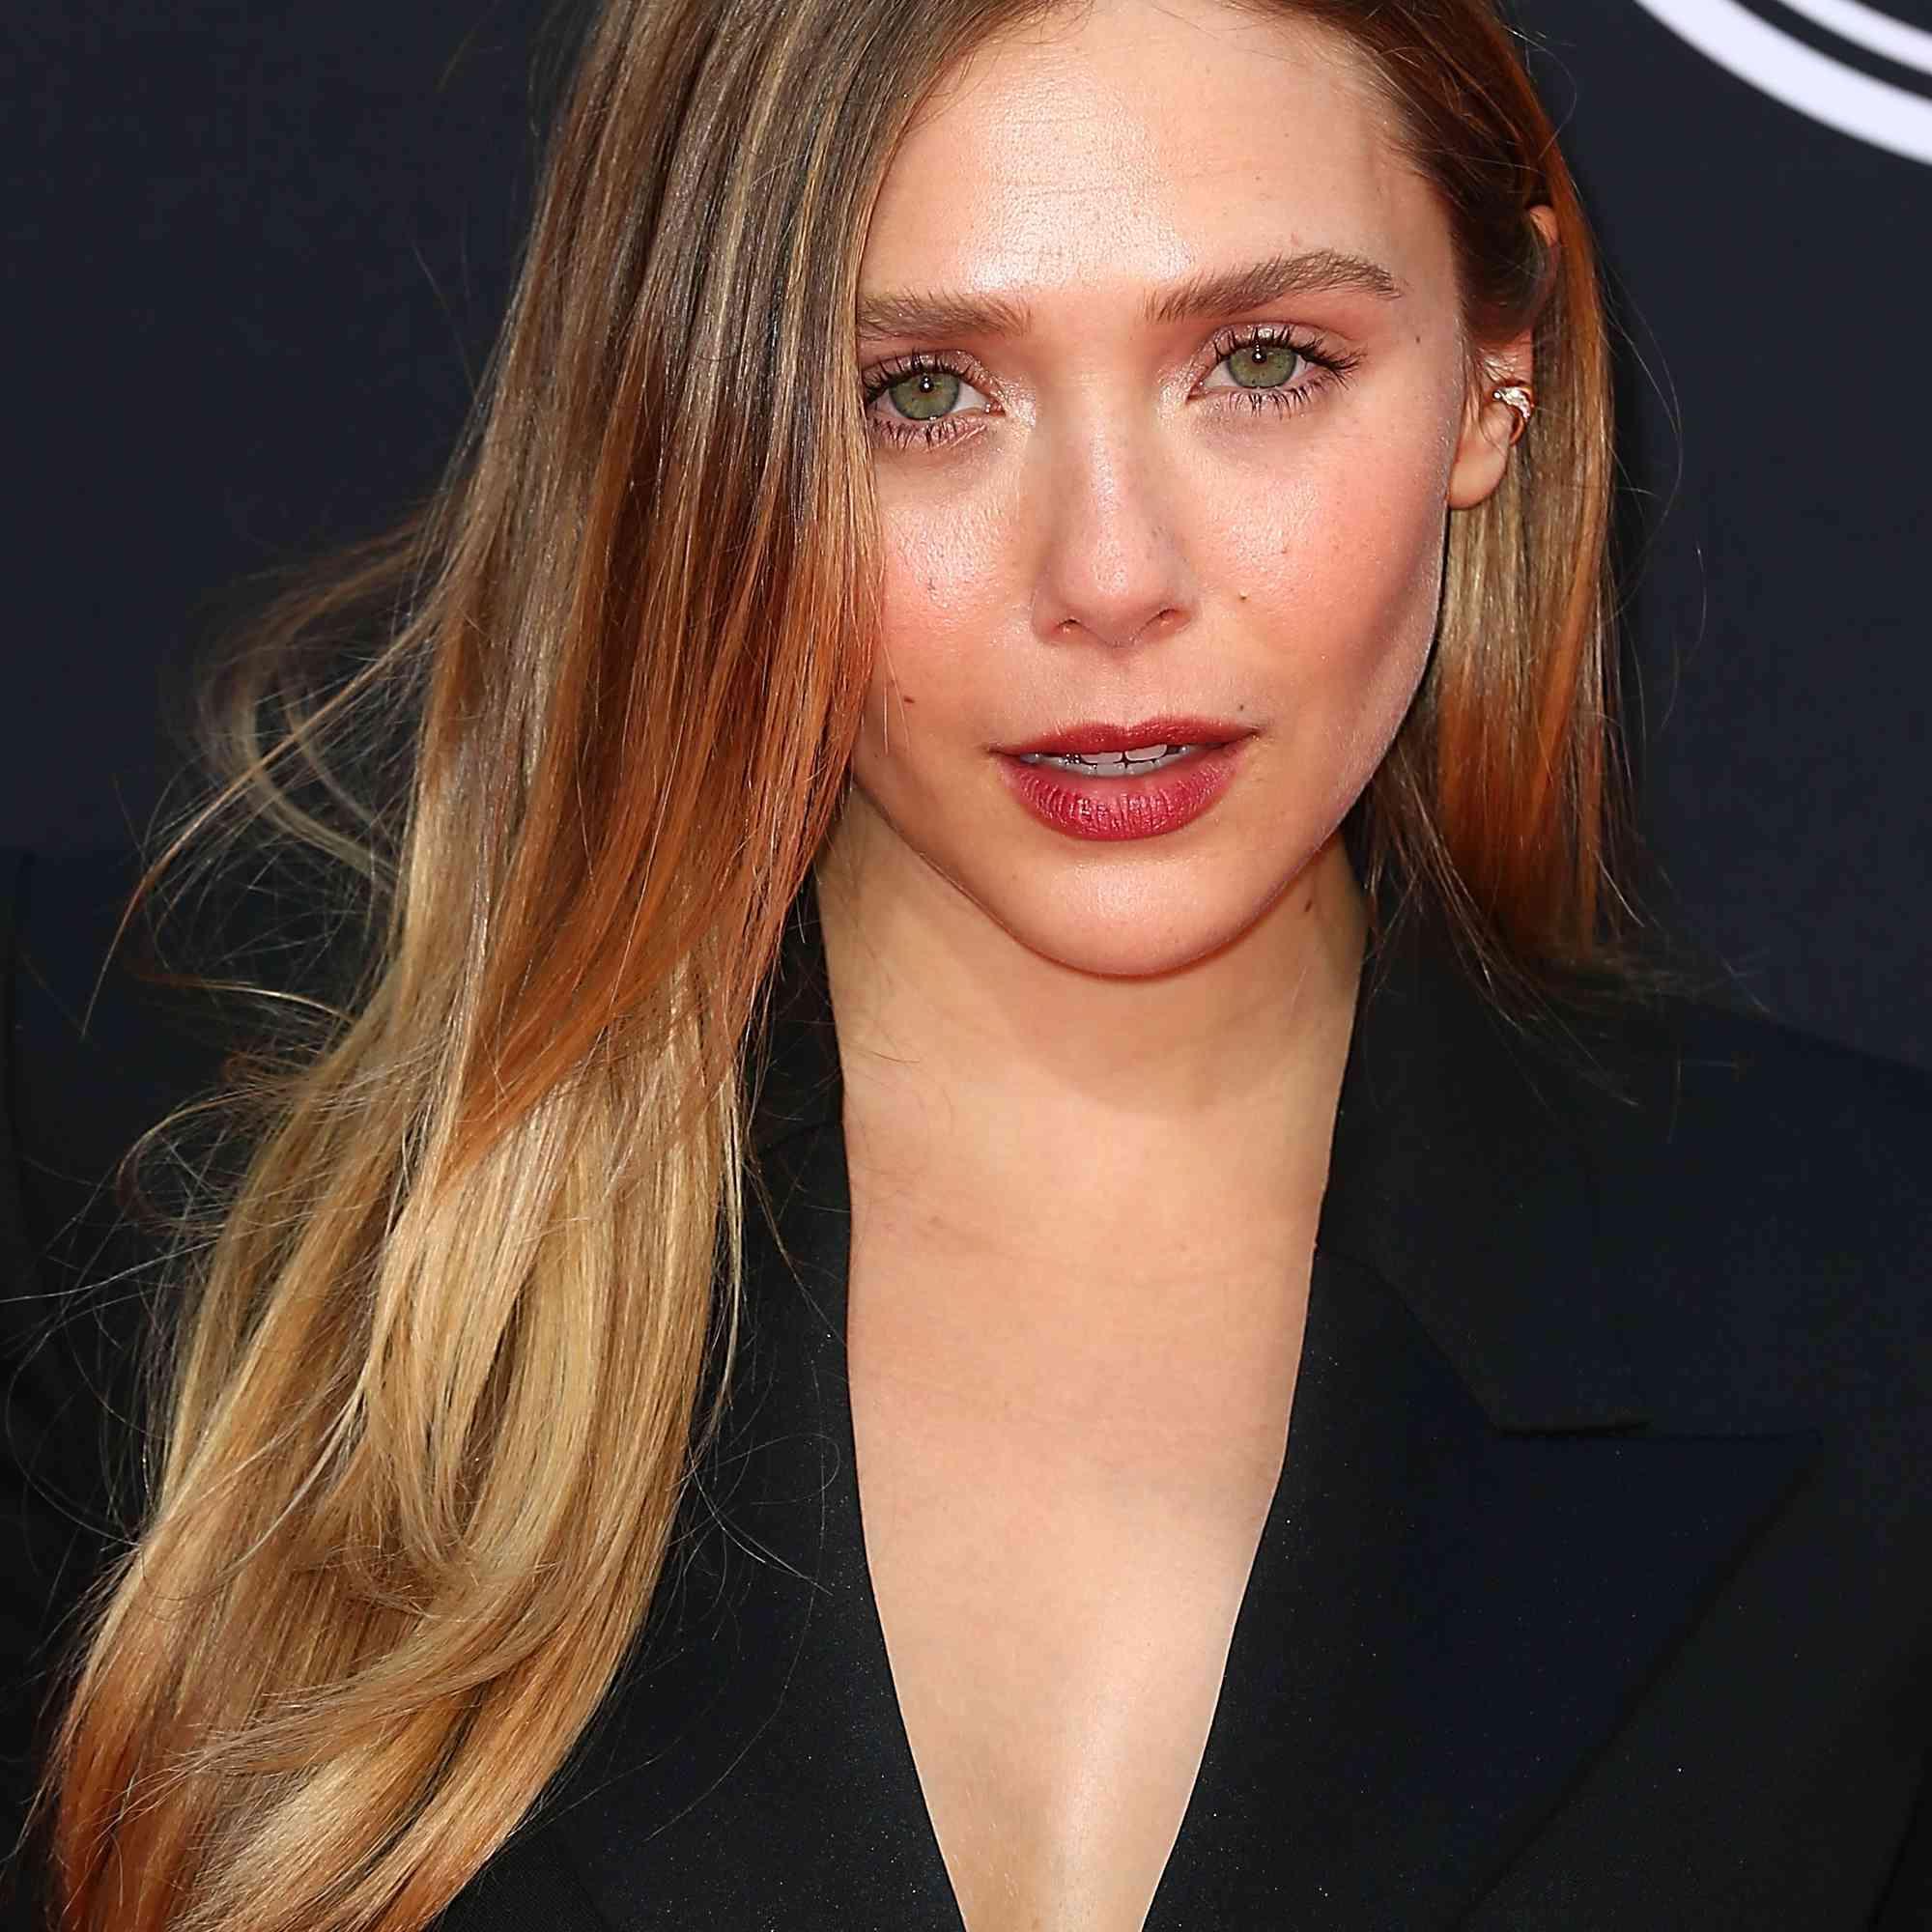 Elizabeth Olsen in black top